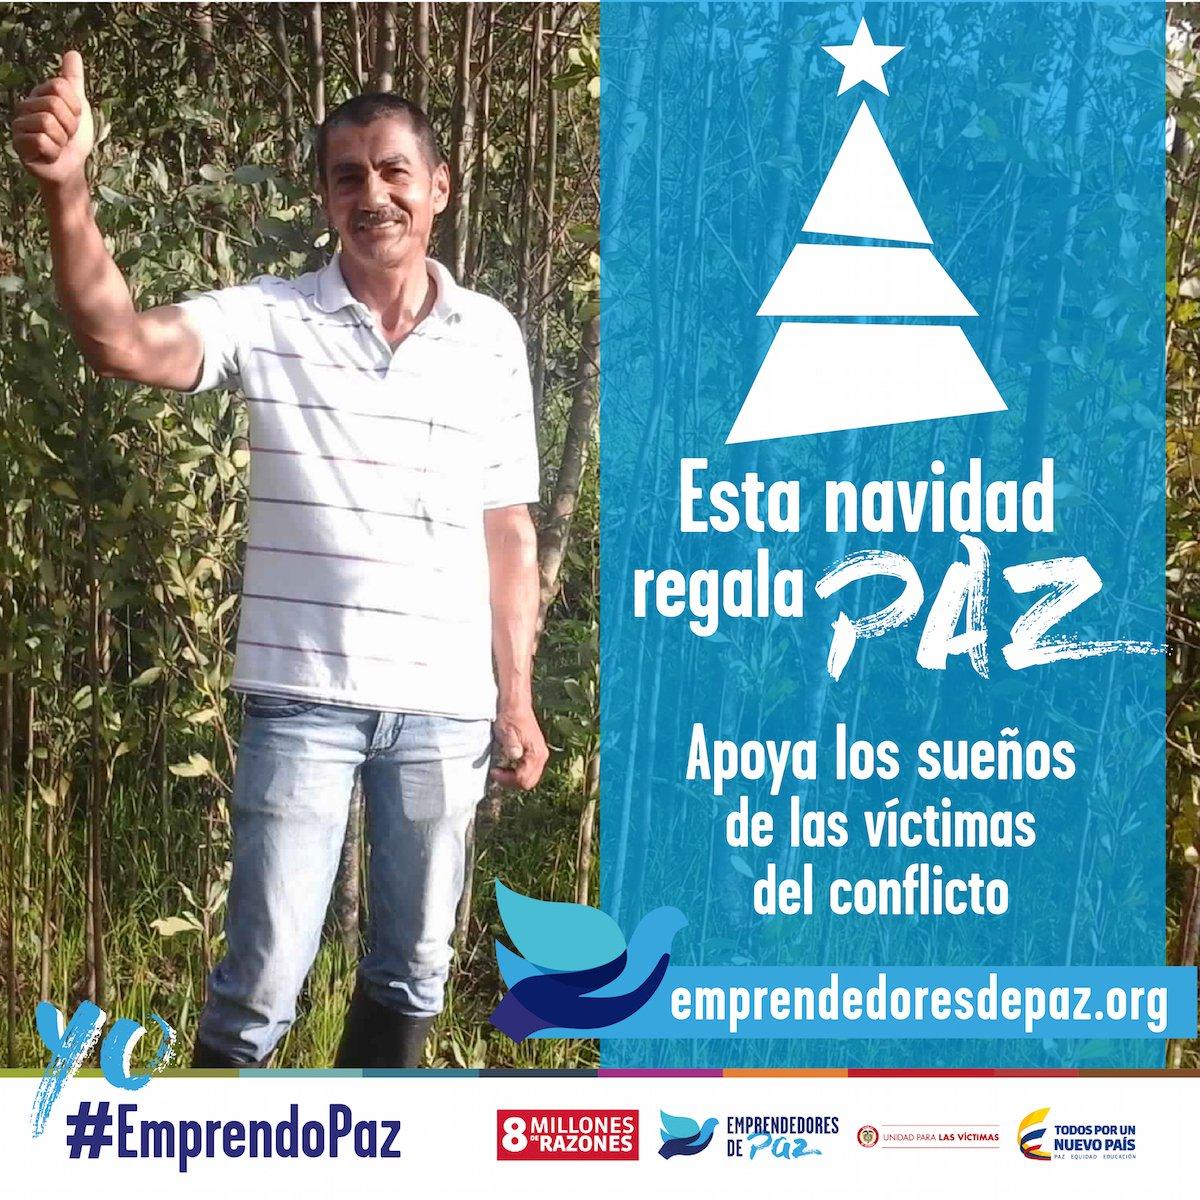 Esta #navidad regala #PAZ. Dona a las víctimas del conflicto en #Colombia Ingresa: https://t.co/dN2hyFoWYi #8MillonesDeRazones #EmprendoPaz https://t.co/fVLIJ6ARLv